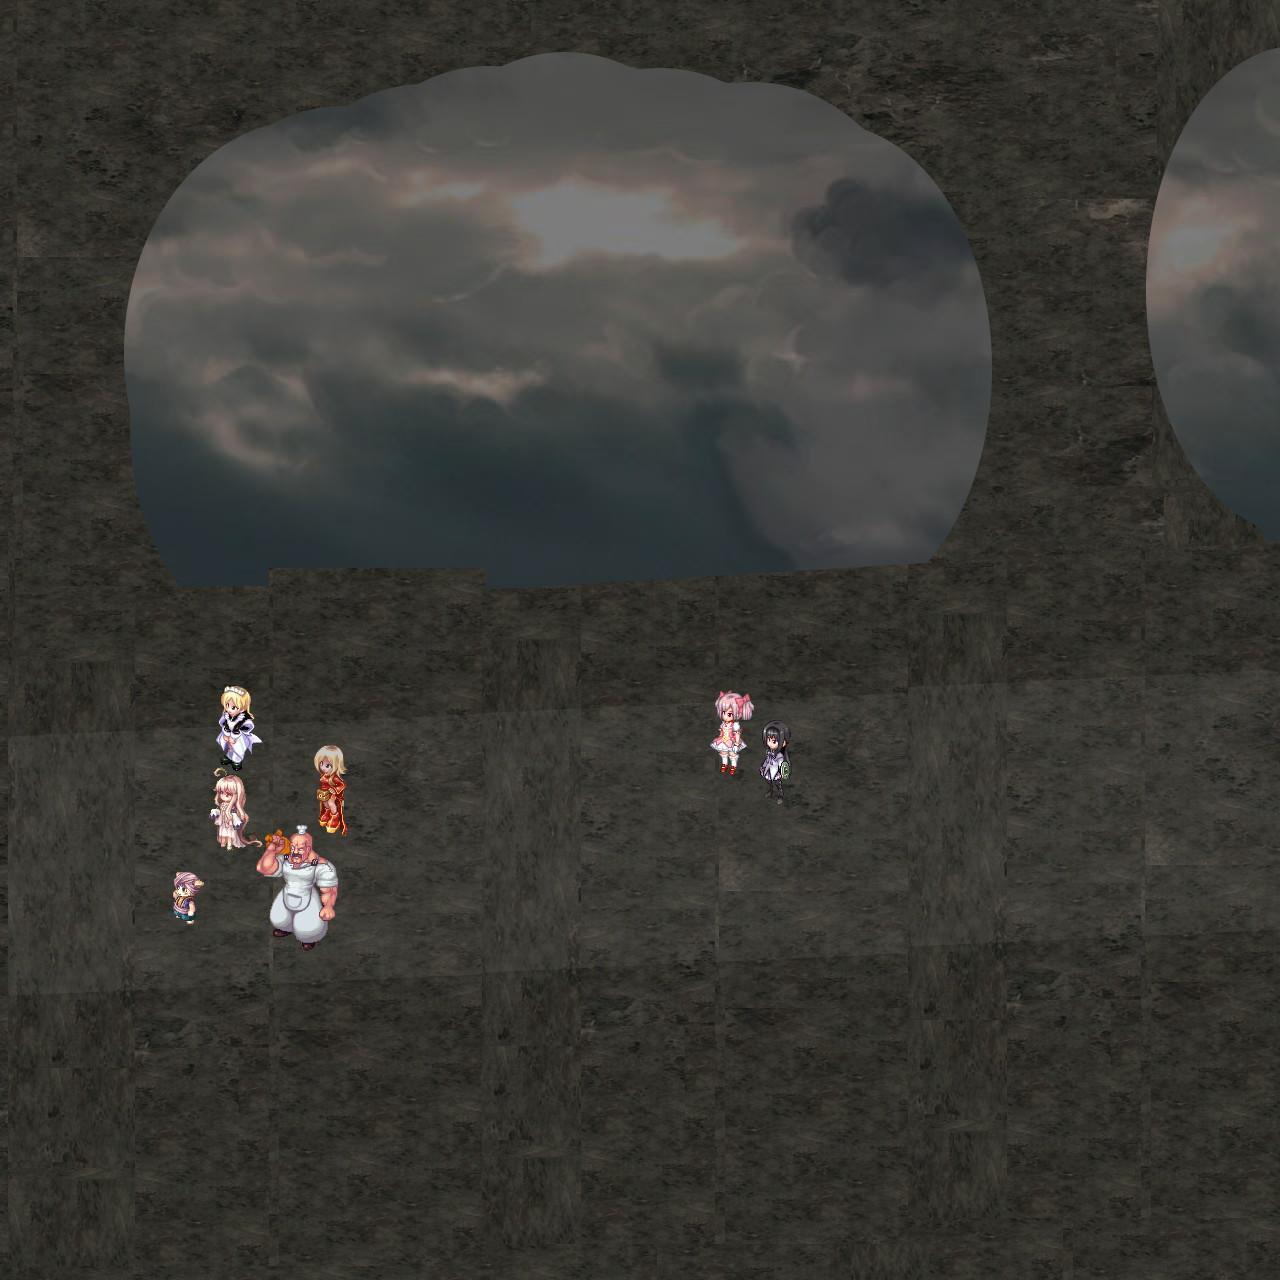 ワルプルギスの夜背天空の戦い58